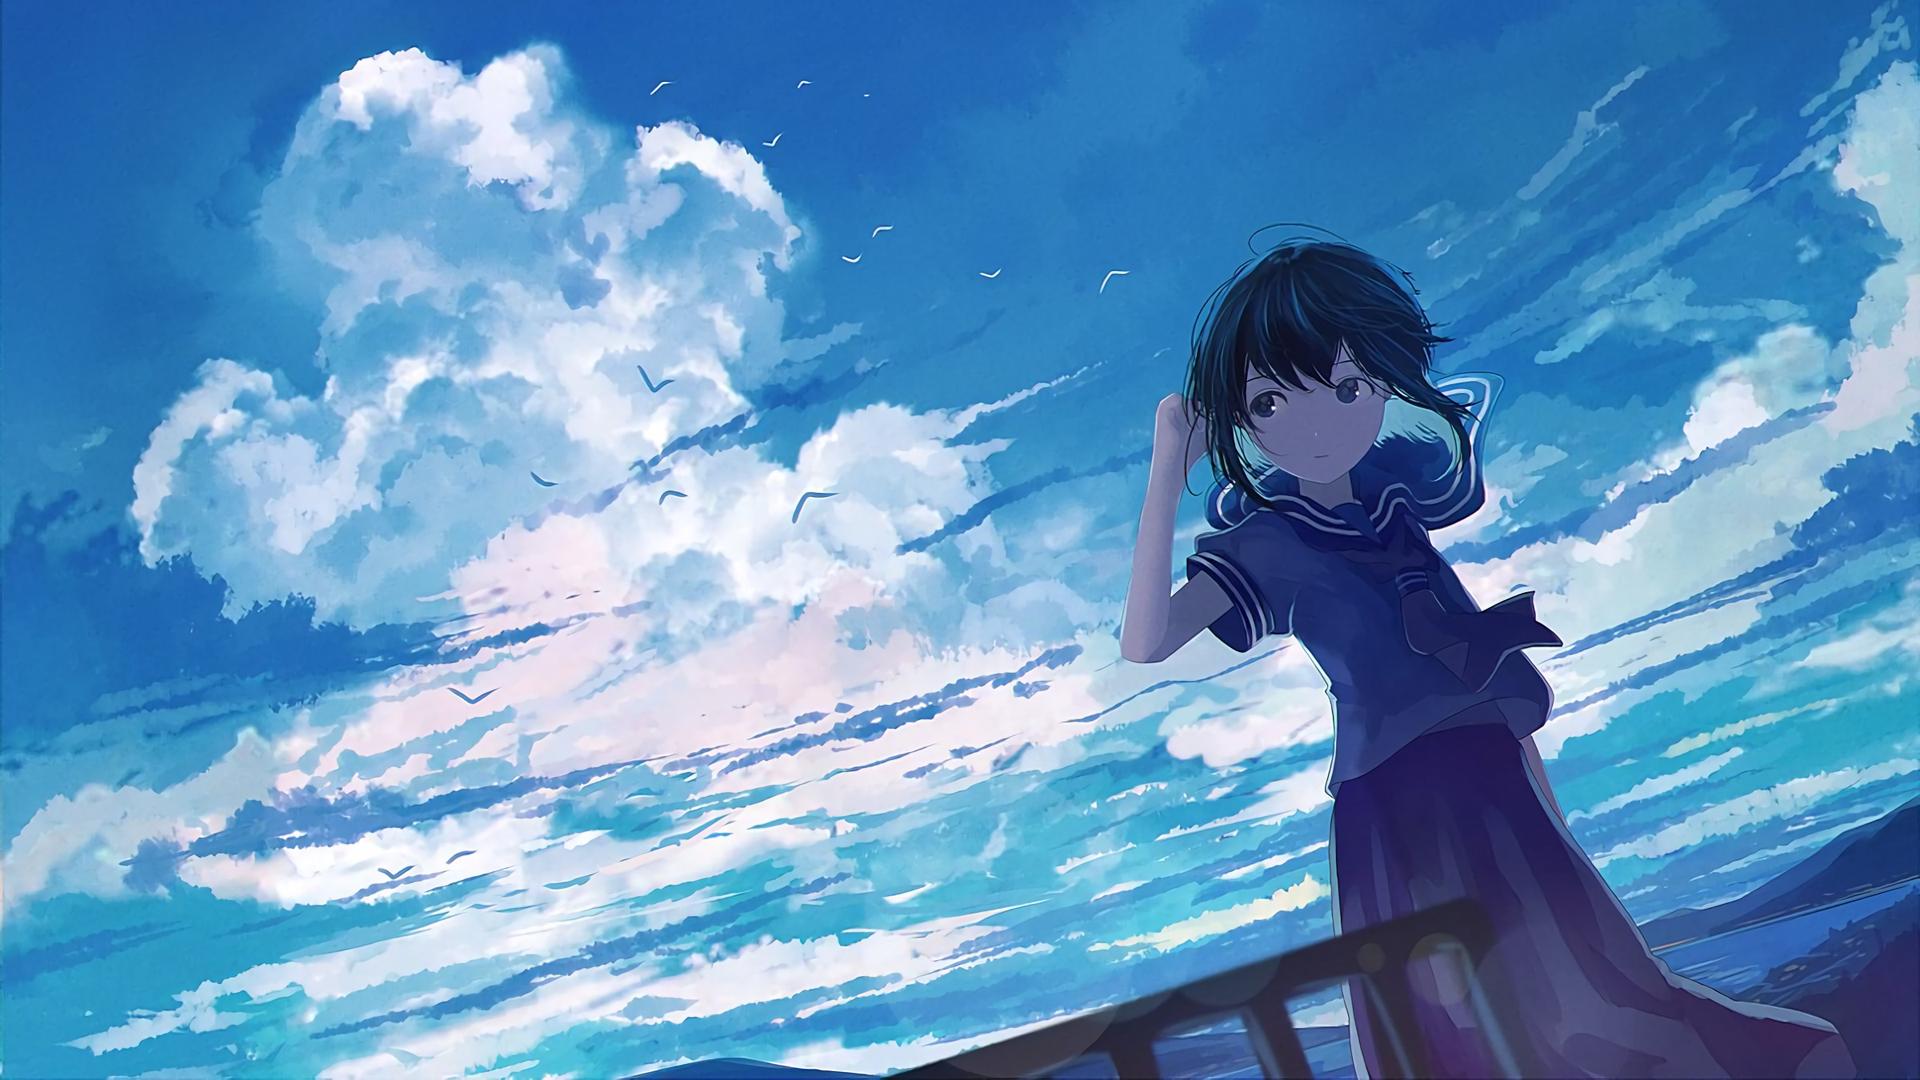 デスクトップ壁紙 マンガ アニメの女の子 空 青 雲 女子高生